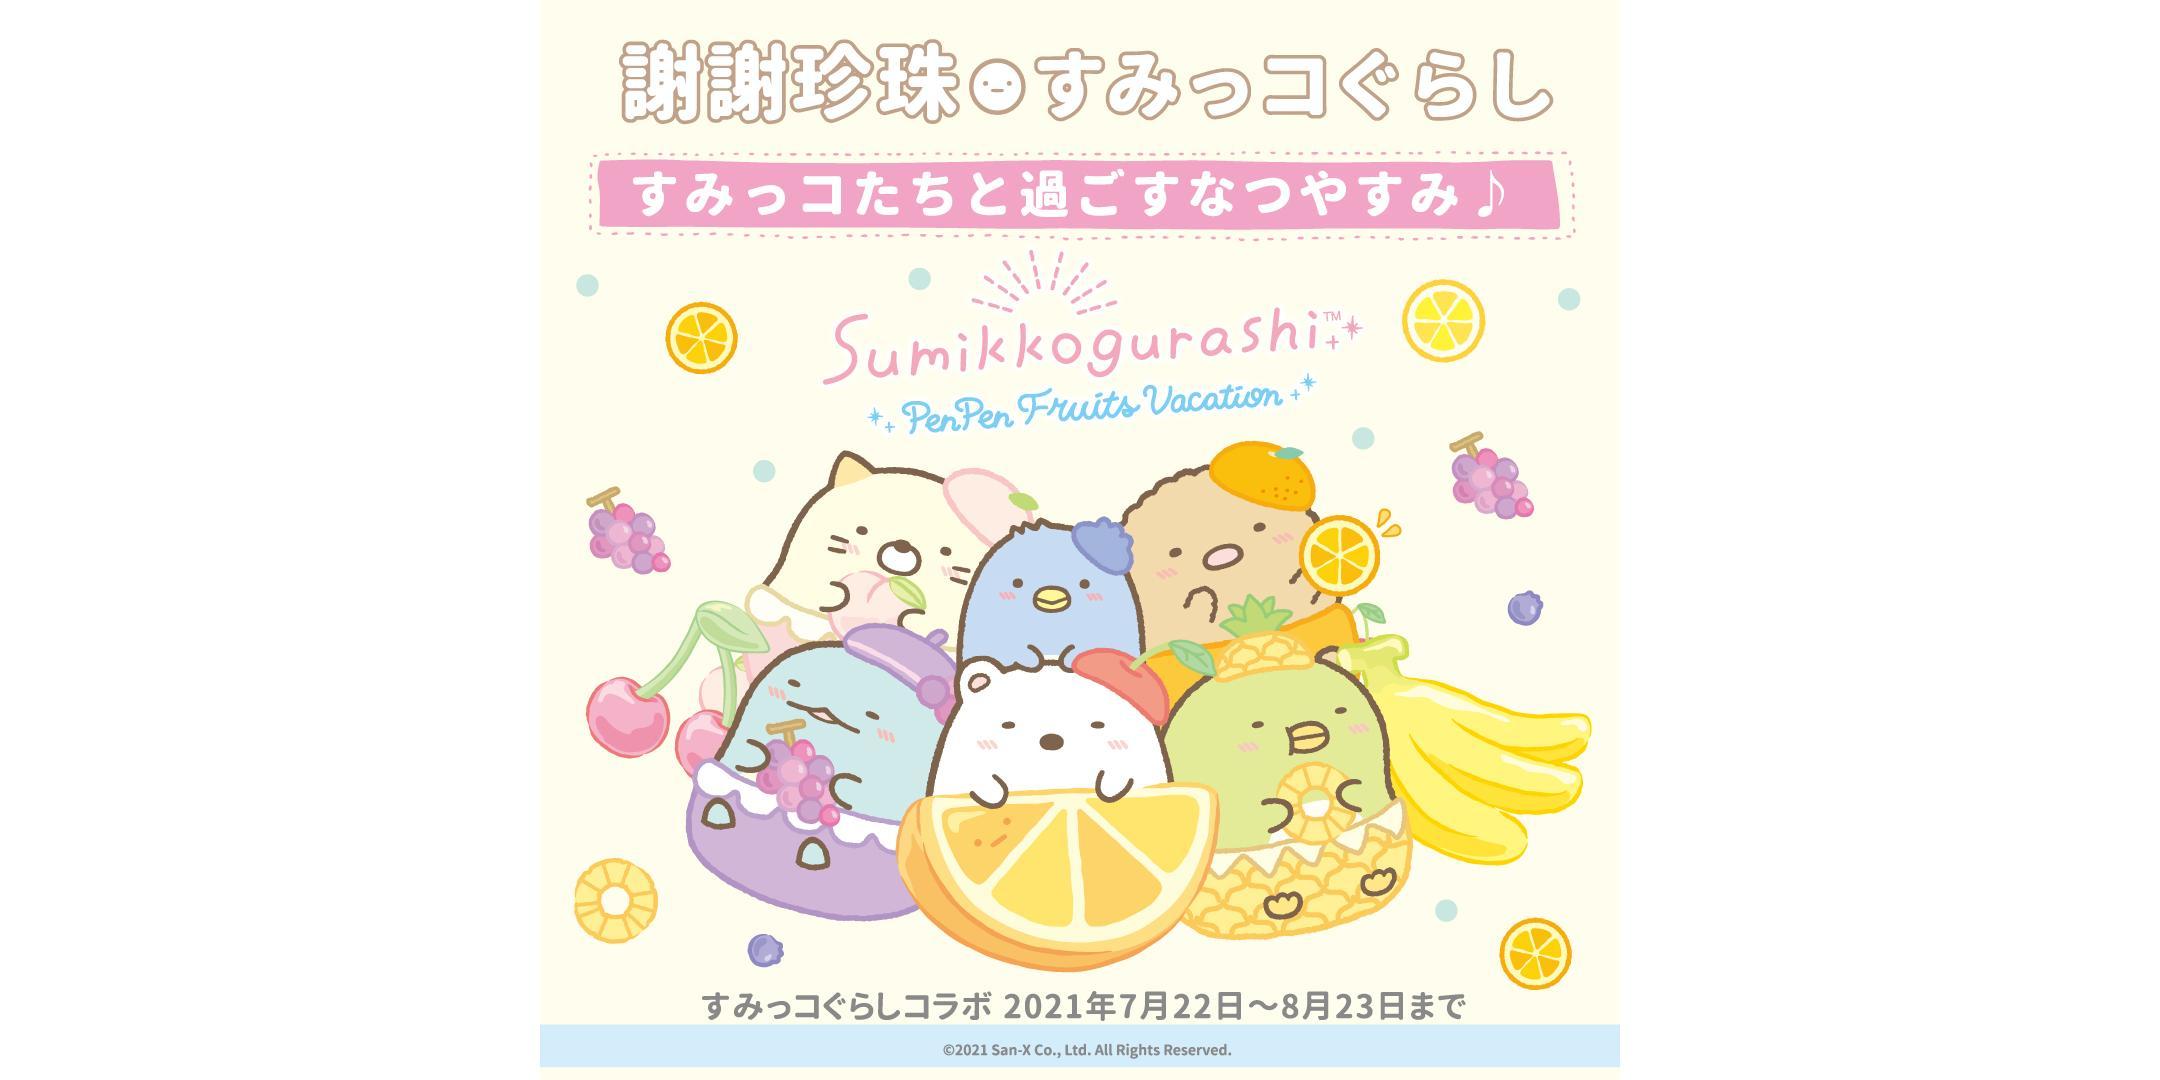 謝謝珍珠×すみっコぐらし Sumikko Gurashi  角落生物1